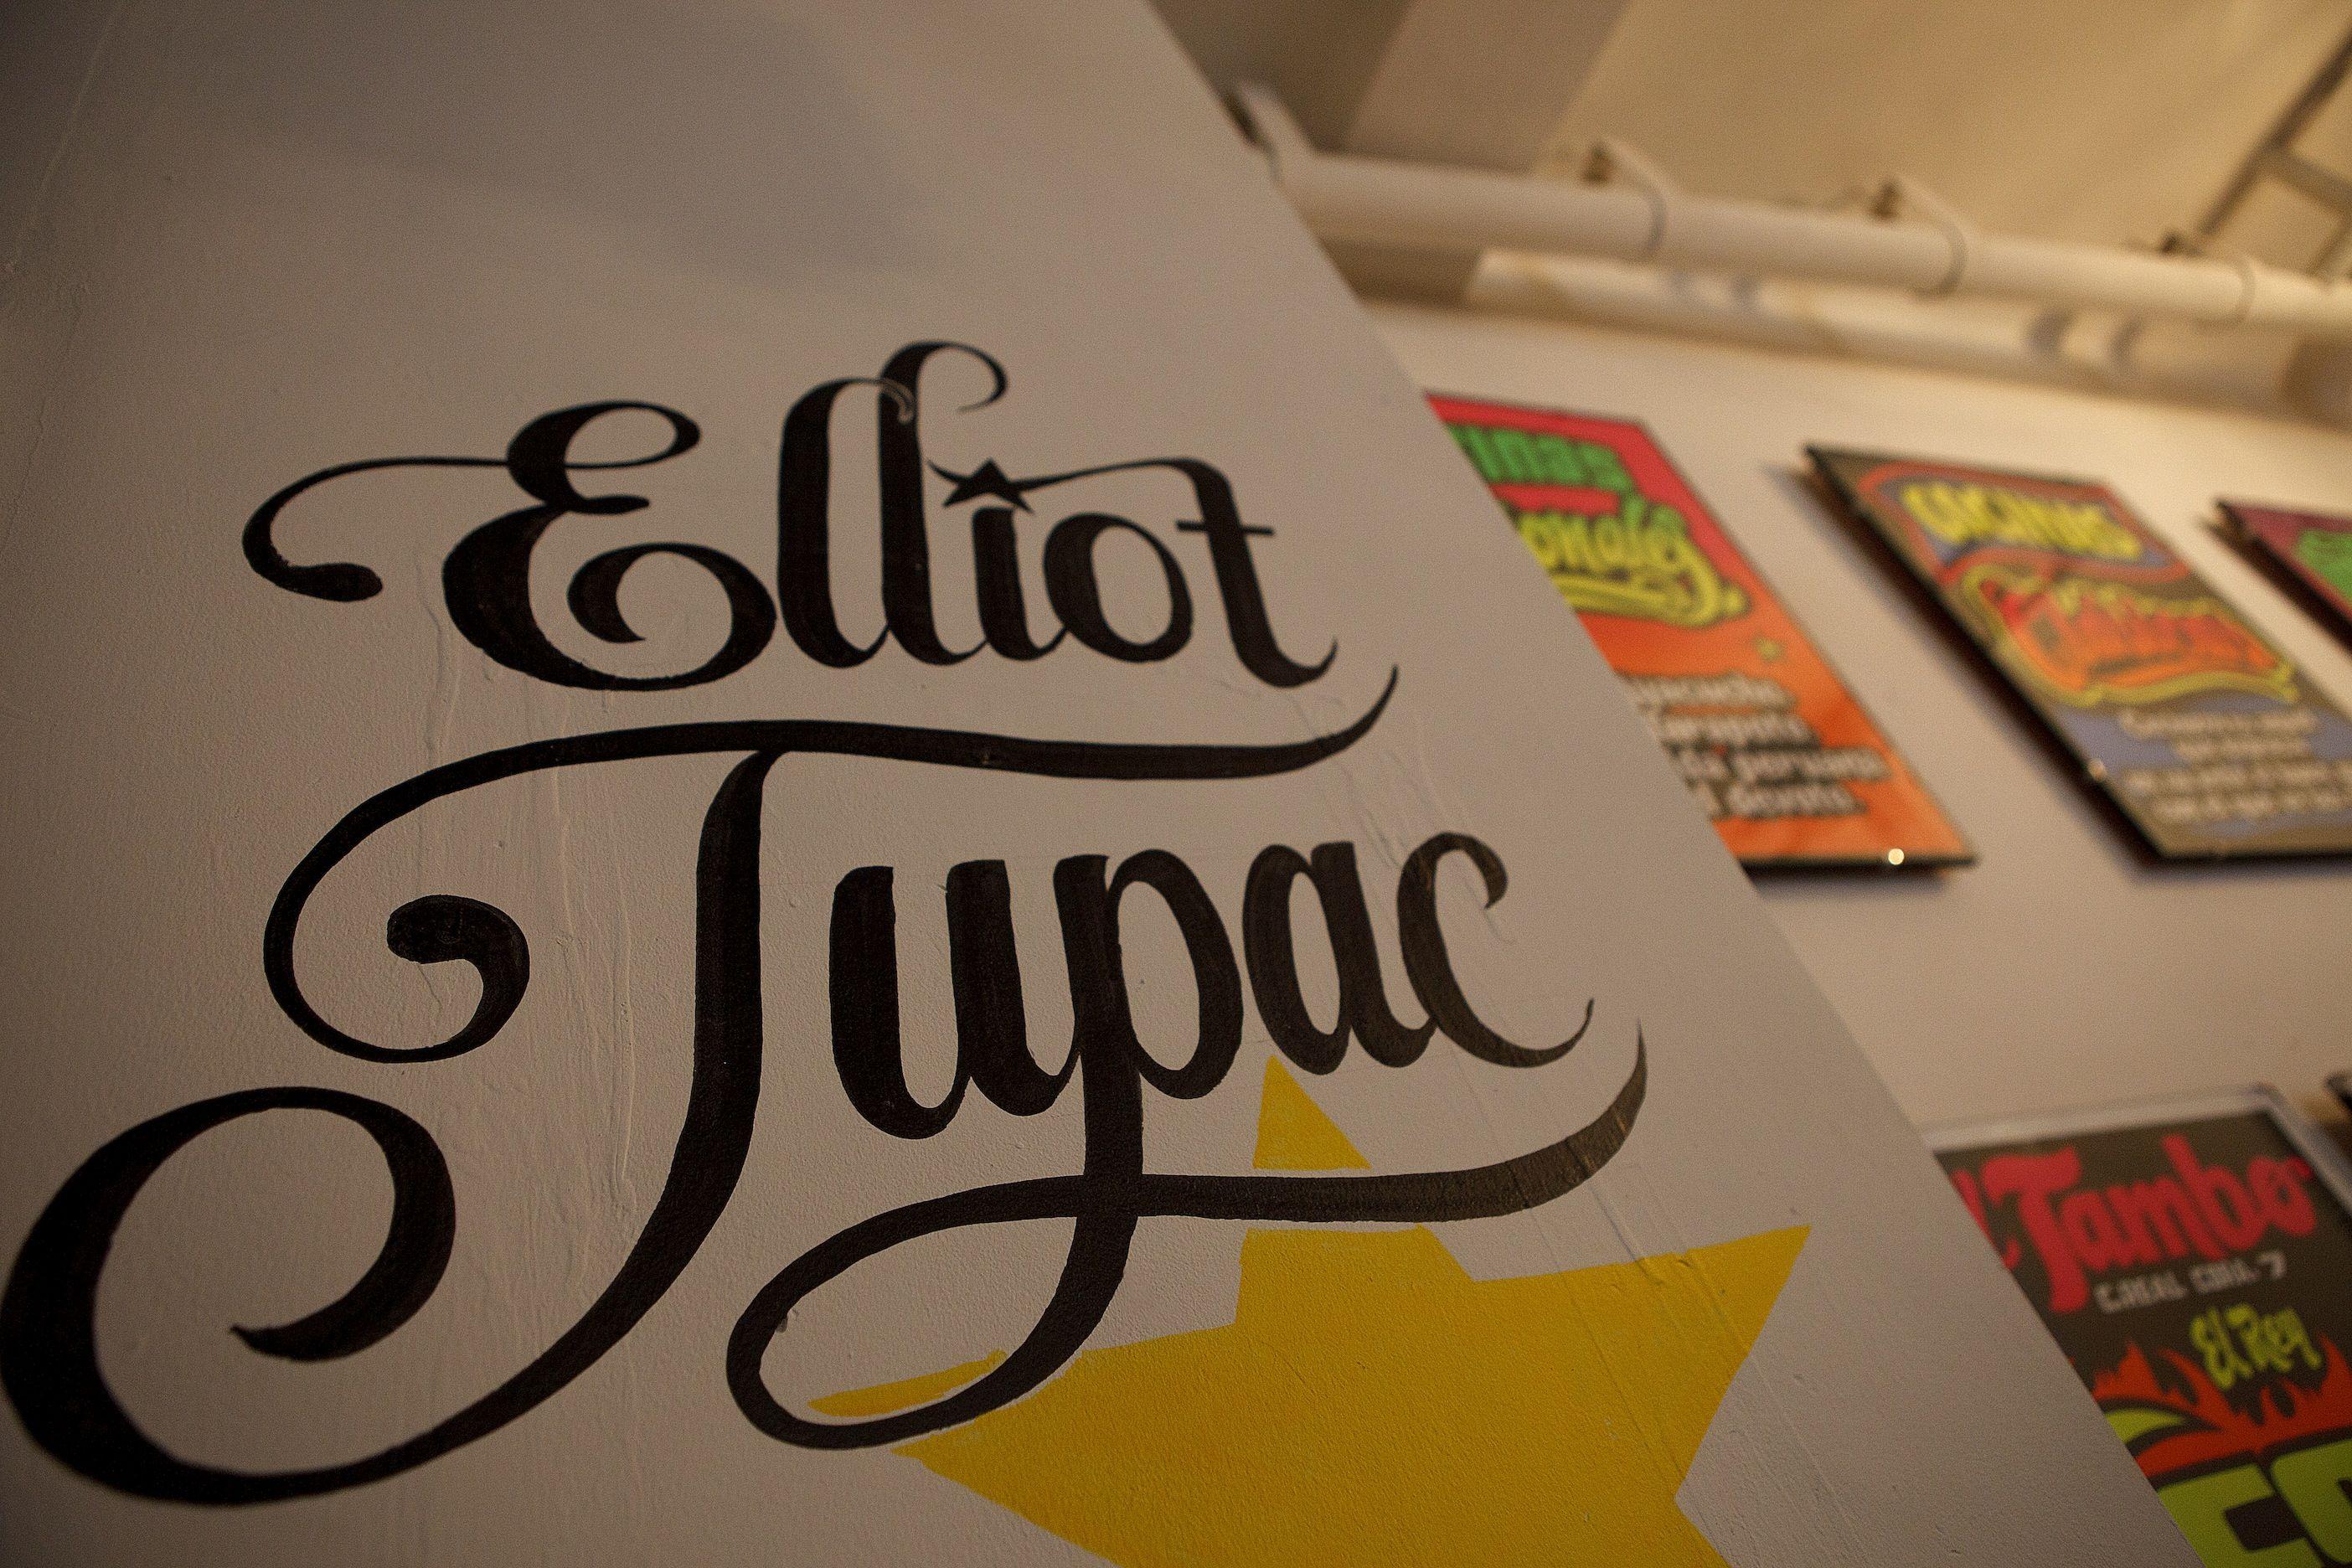 Color art tipografia - Elliot Tupac Tipograf A In Process Locaci N Bar Cultural La Emolienter A T Cnica